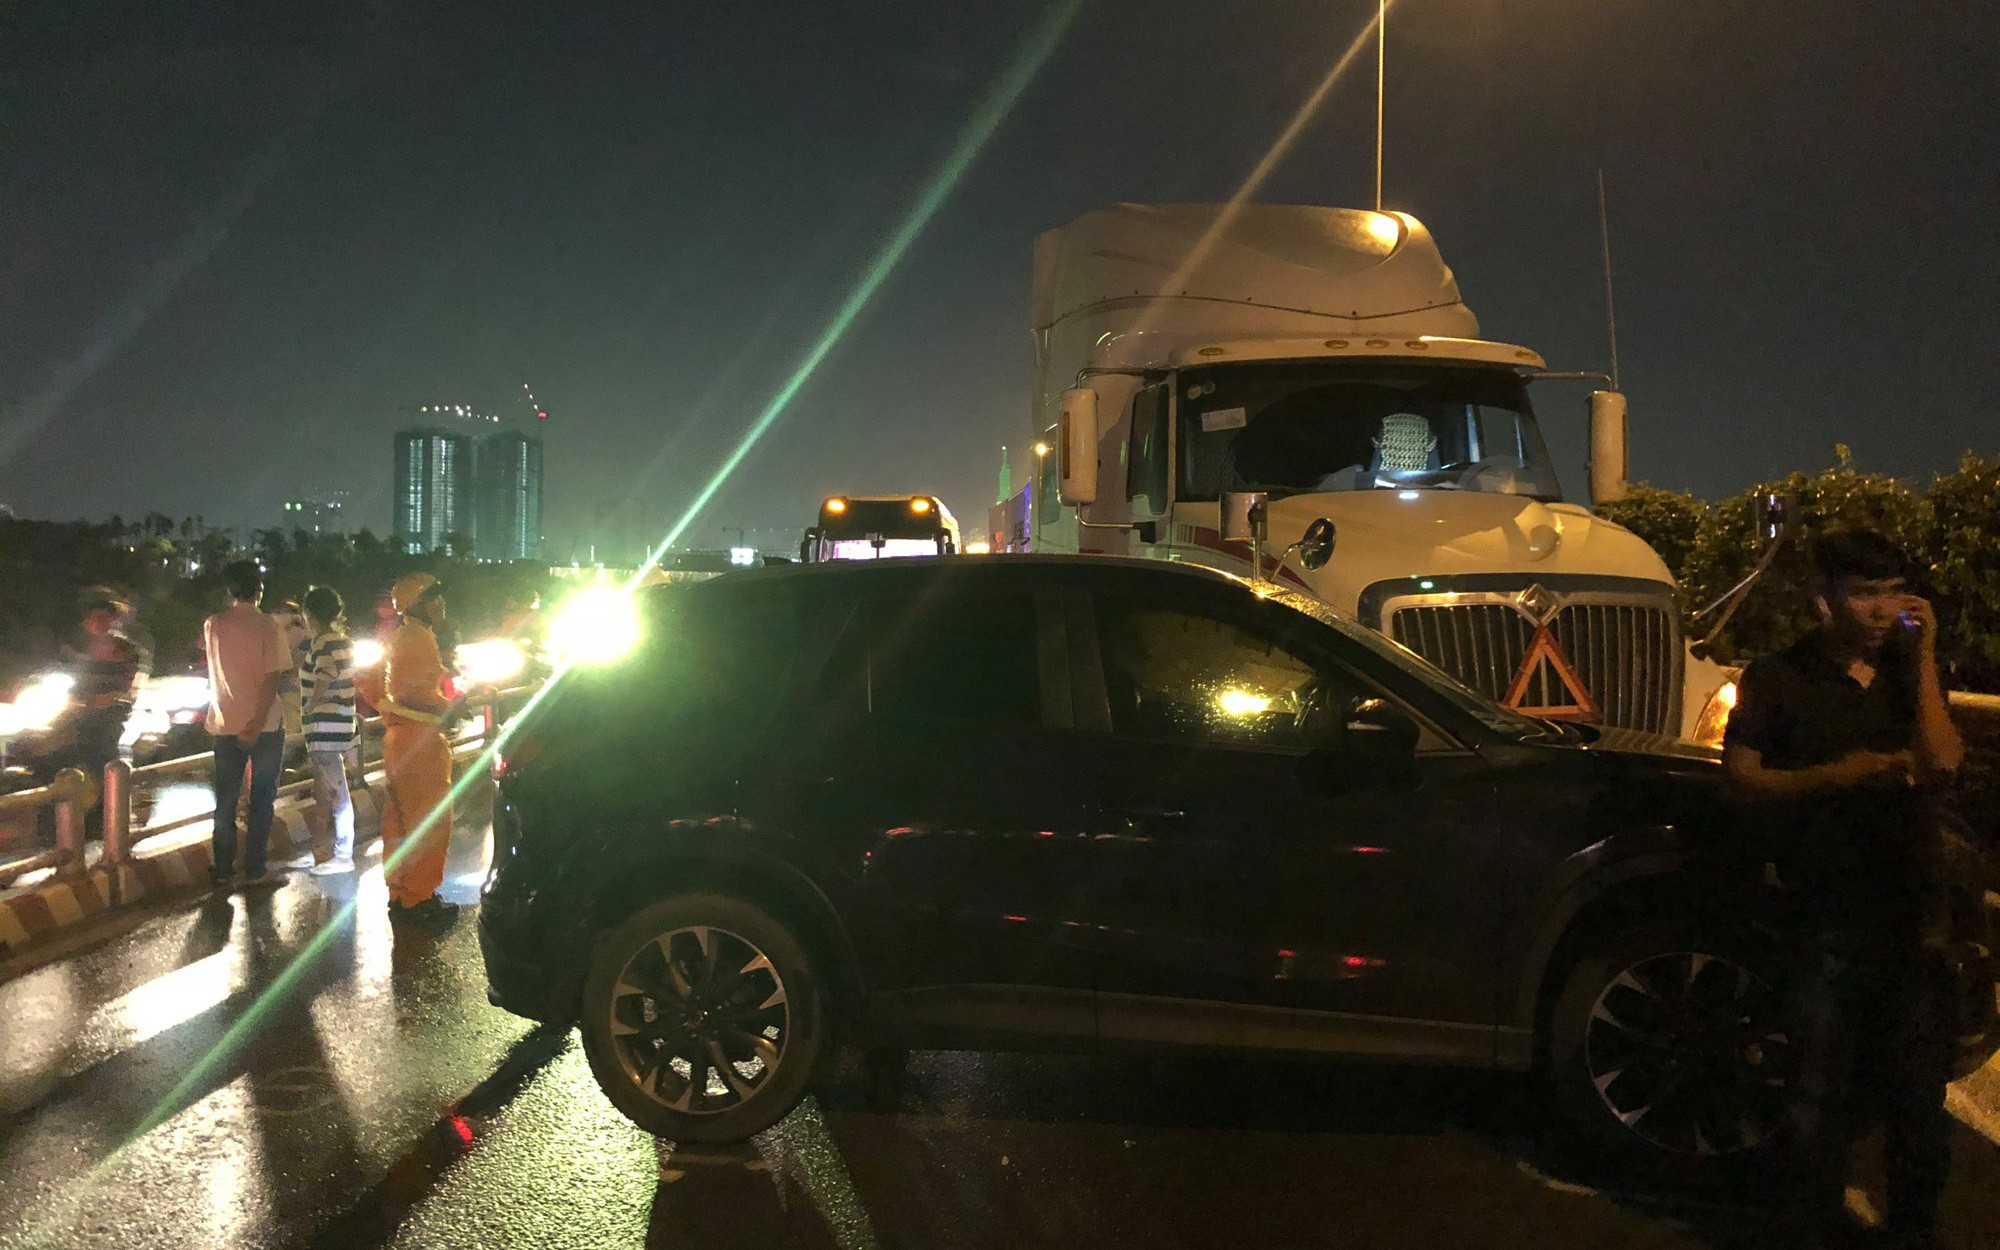 Ô tô chở trẻ em gặp nạn rồi chắn ngang đường, cao tốc TP. HCM - Long Thành - Dầu Giây tê liệt nhiều giờ